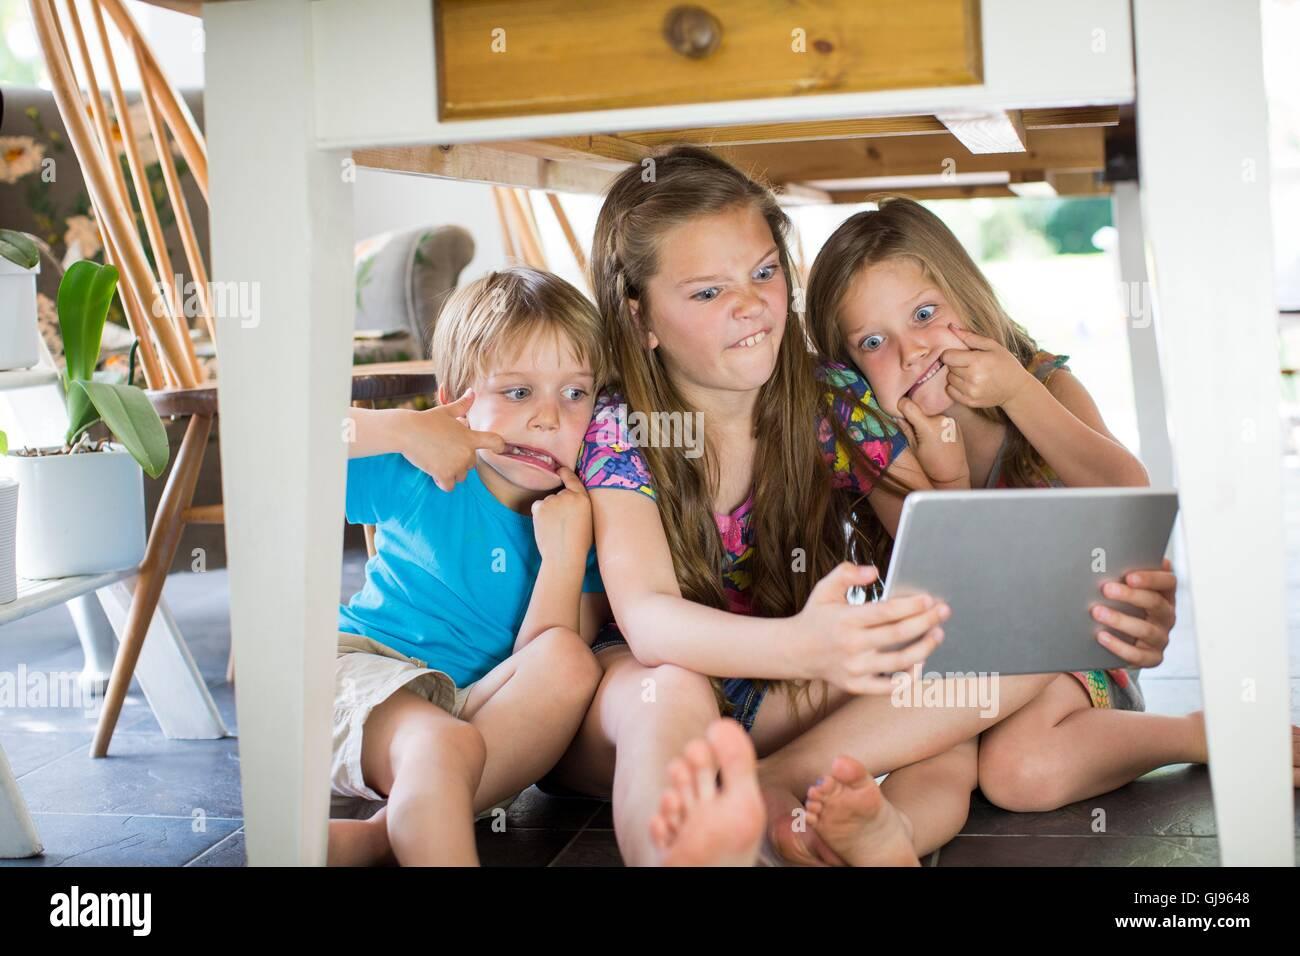 Liberados de la propiedad. Modelo liberado. Tres hermanos debajo de la mesa con la tableta digital. Imagen De Stock